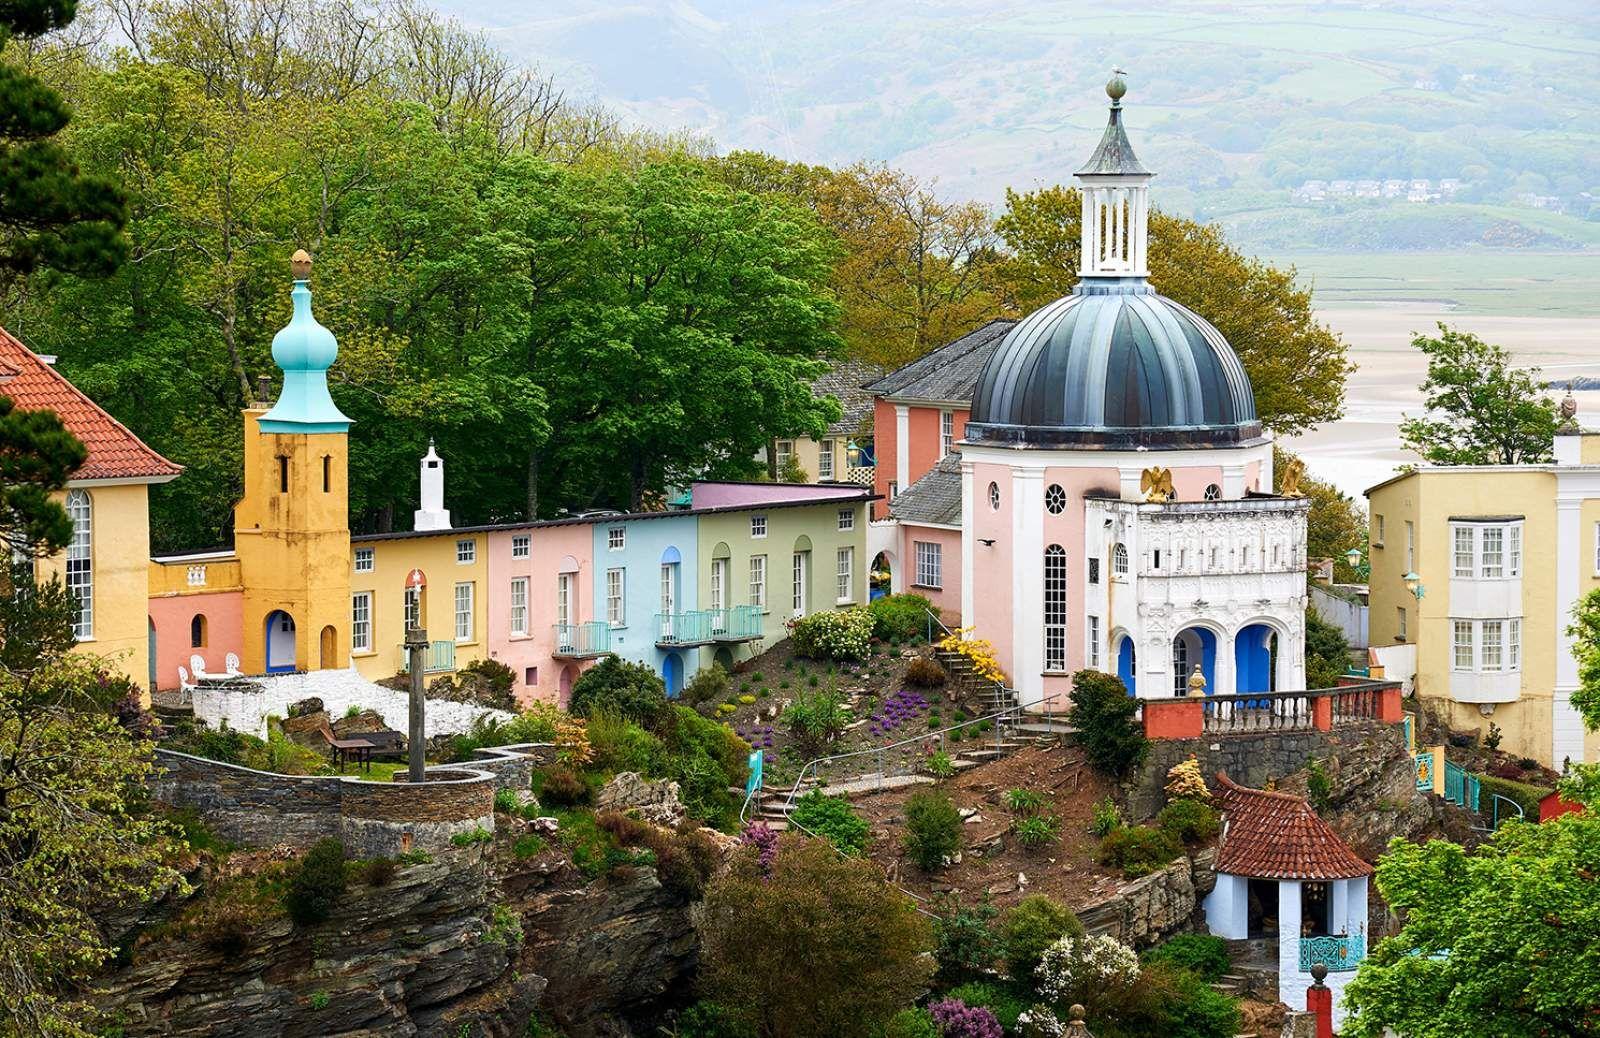 Portmeirion Village & Hotel, Gwynedd, North Wales